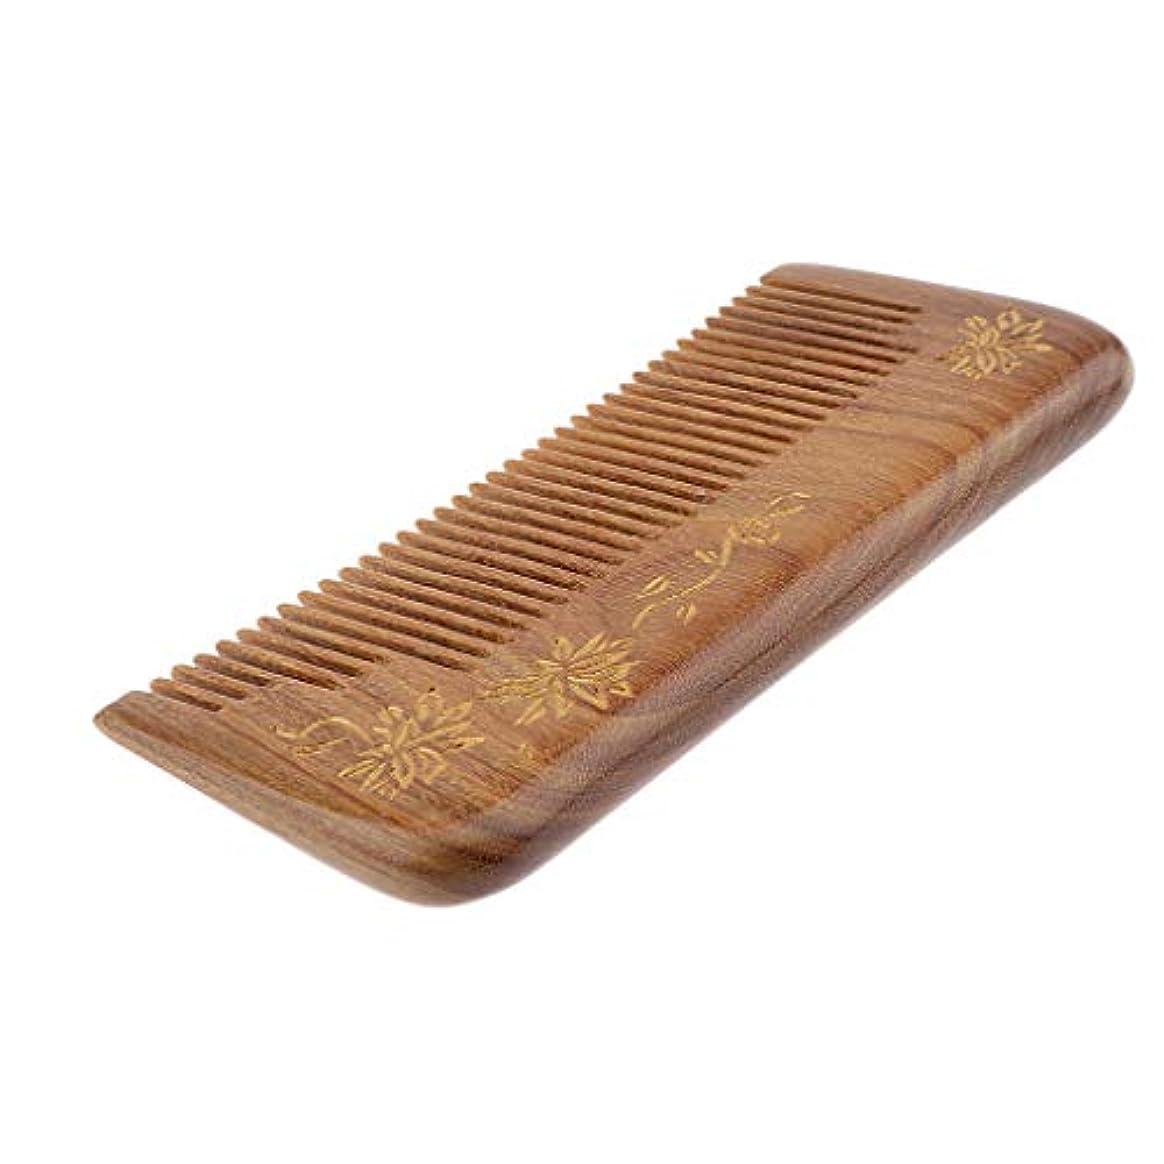 ジレンマの配列多くの危険がある状況CUTICATE 木製櫛 広い歯 ヘアコーム ヘアブラシ 頭皮マッサージ 帯電防止 4仕様選べ - #3